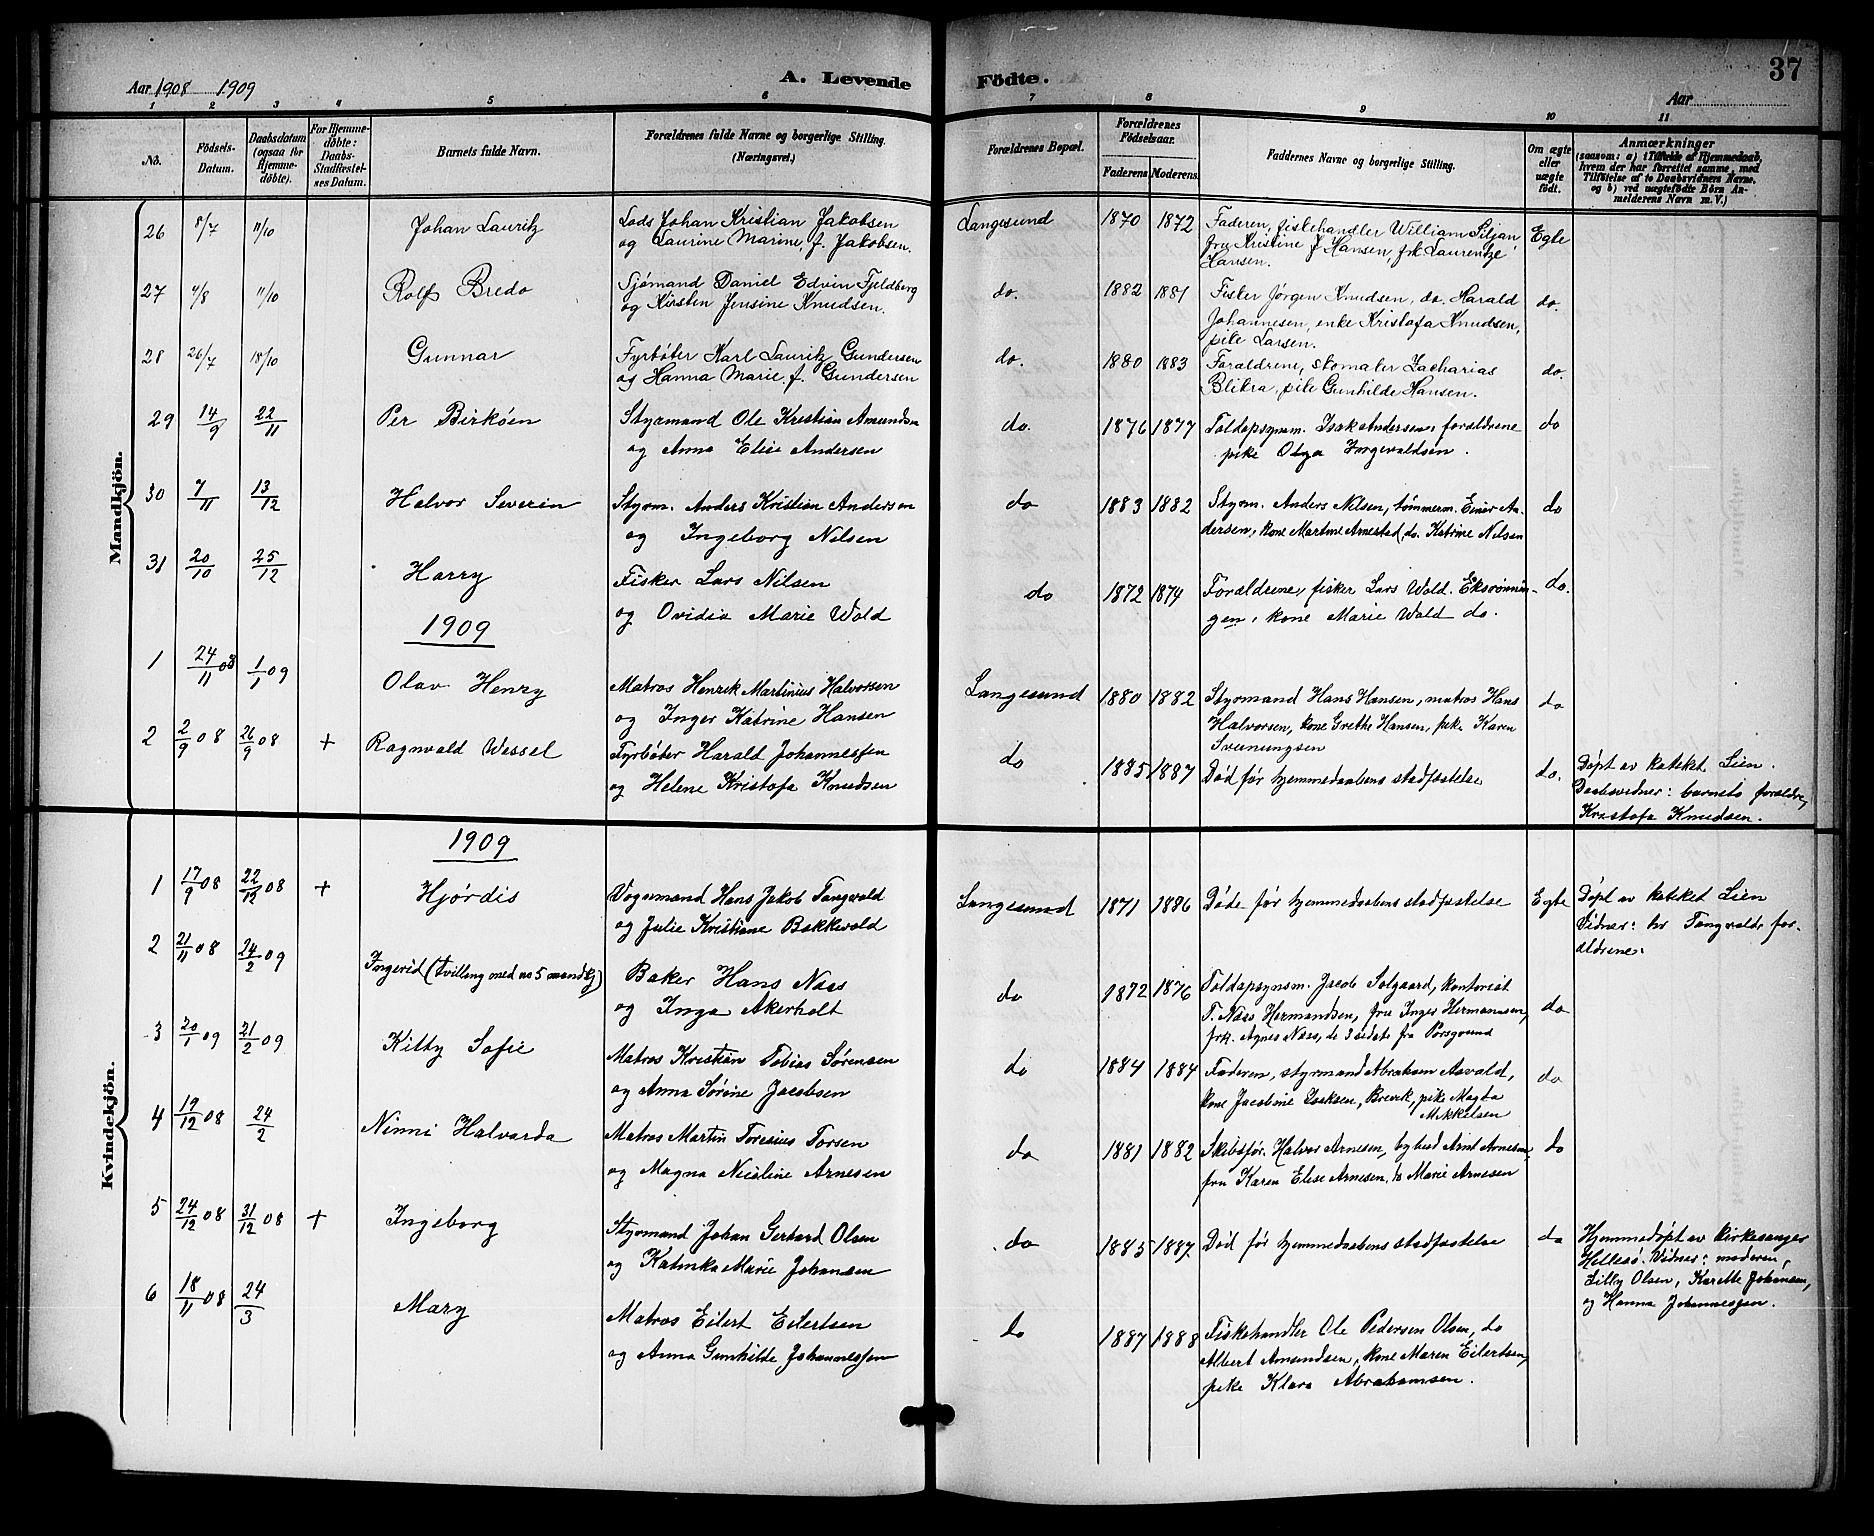 SAKO, Langesund kirkebøker, G/Ga/L0006: Klokkerbok nr. 6, 1899-1918, s. 37